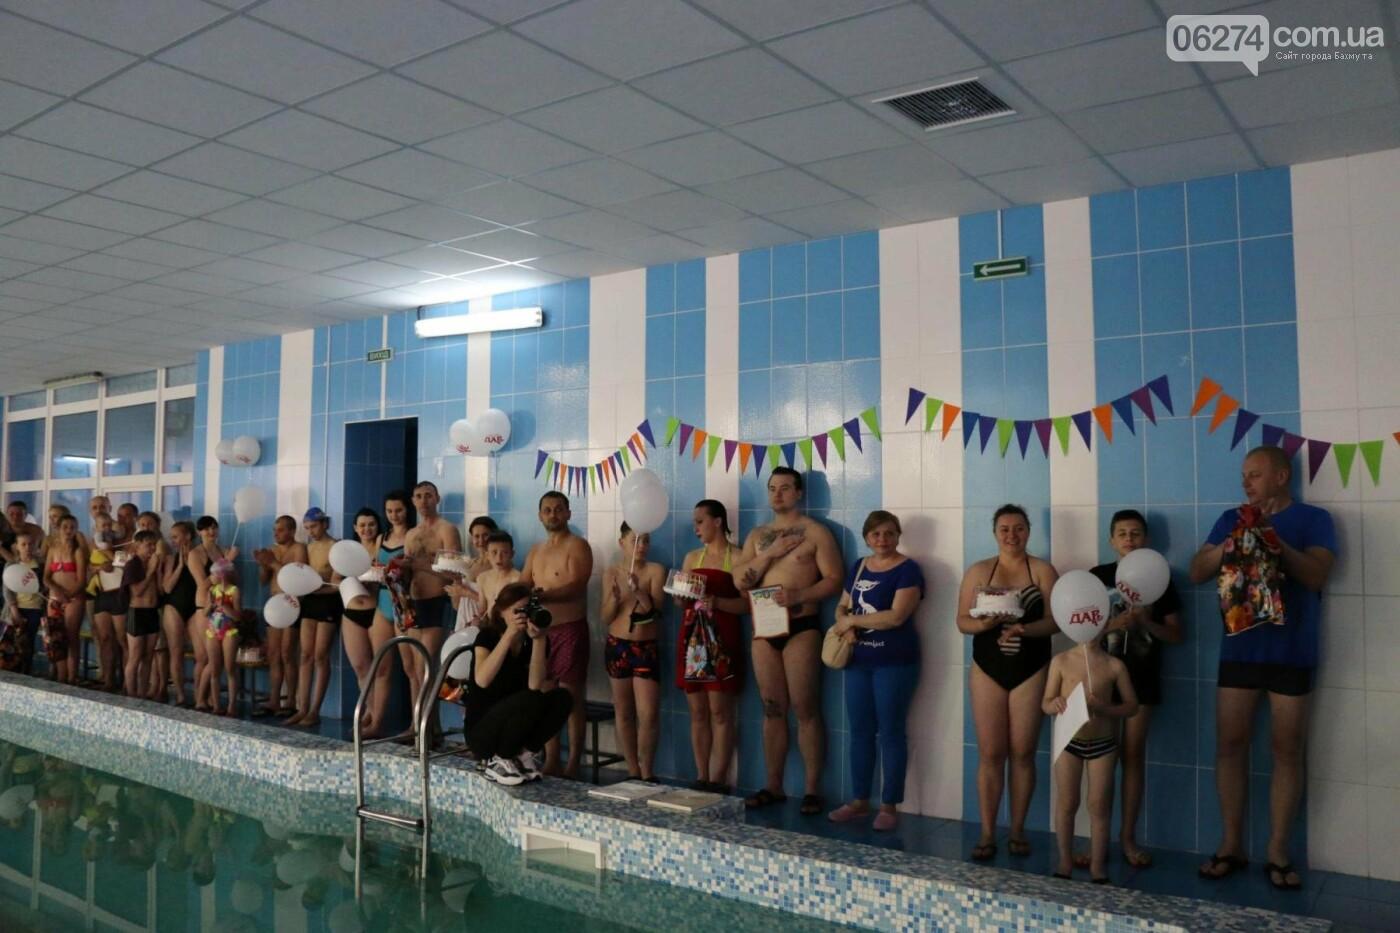 В Бахмуте ко Дню матери и Дню семьи провели семейный заплыв, фото-30